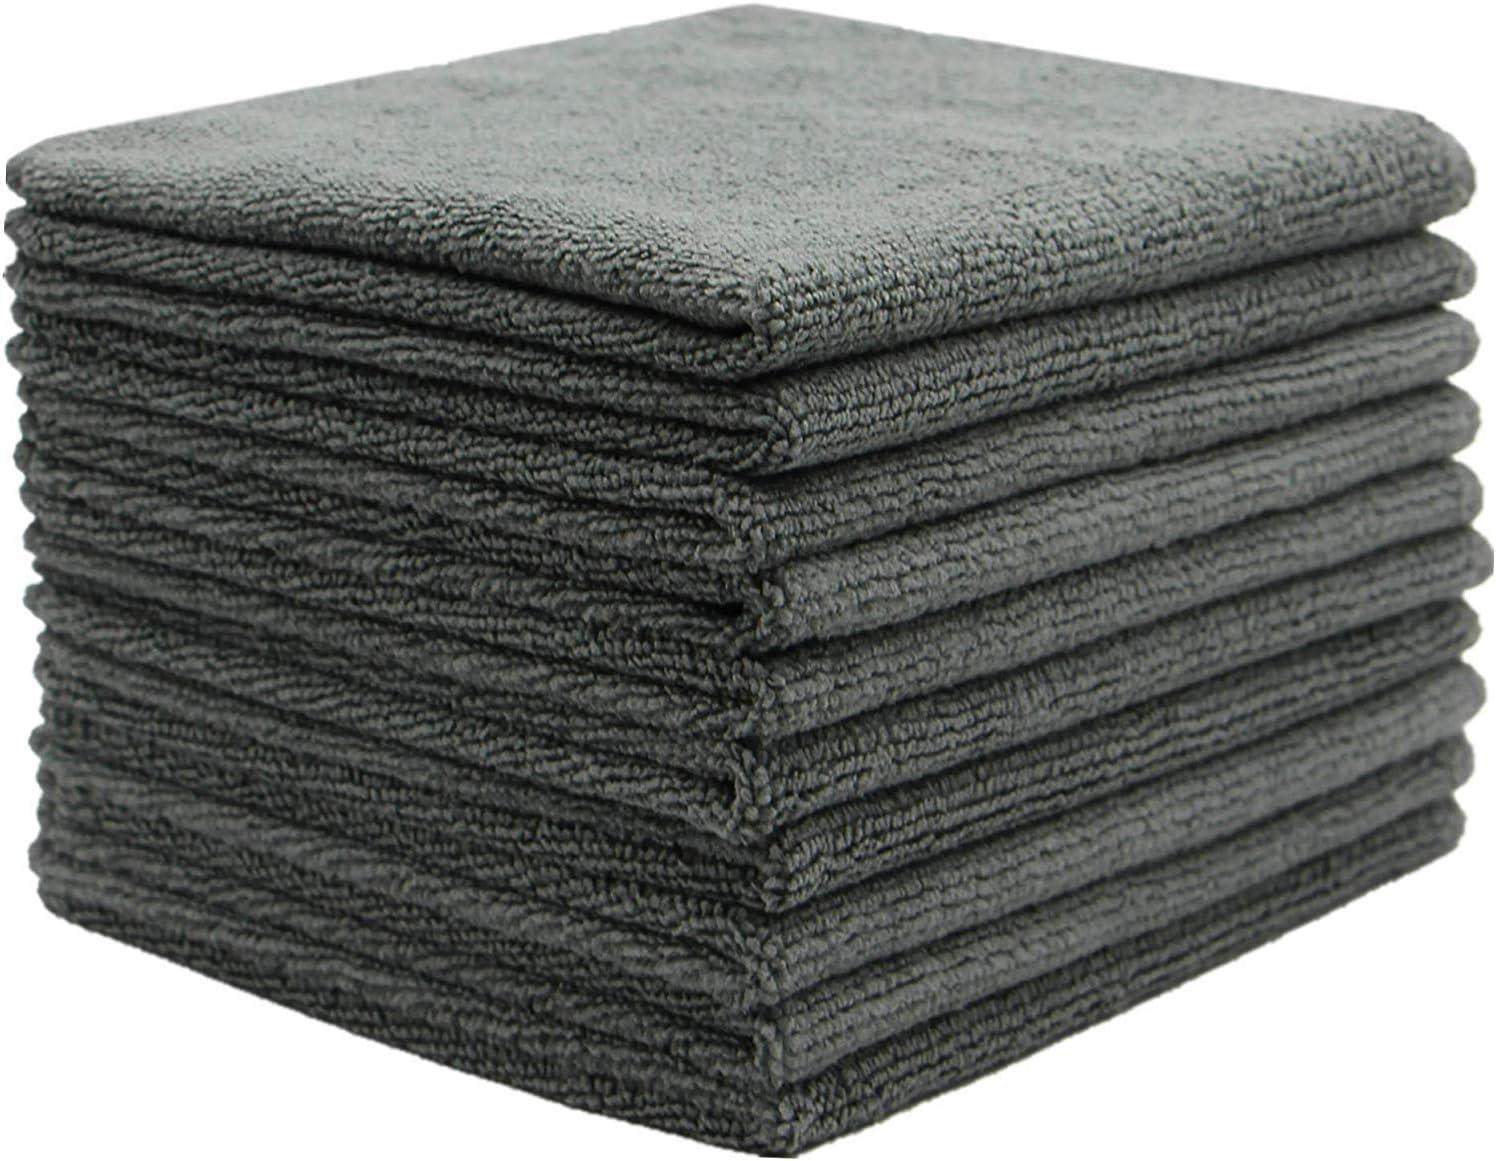 Fyien Mikrofaser Reinigungstücher Geschirrtücher Mehrzweck Küchenwaschtuch Abags Zum Waschen Schnelltrocknend 30 X 30 Cm 10 Stück Grau 30 X 30 Cm Küche Haushalt